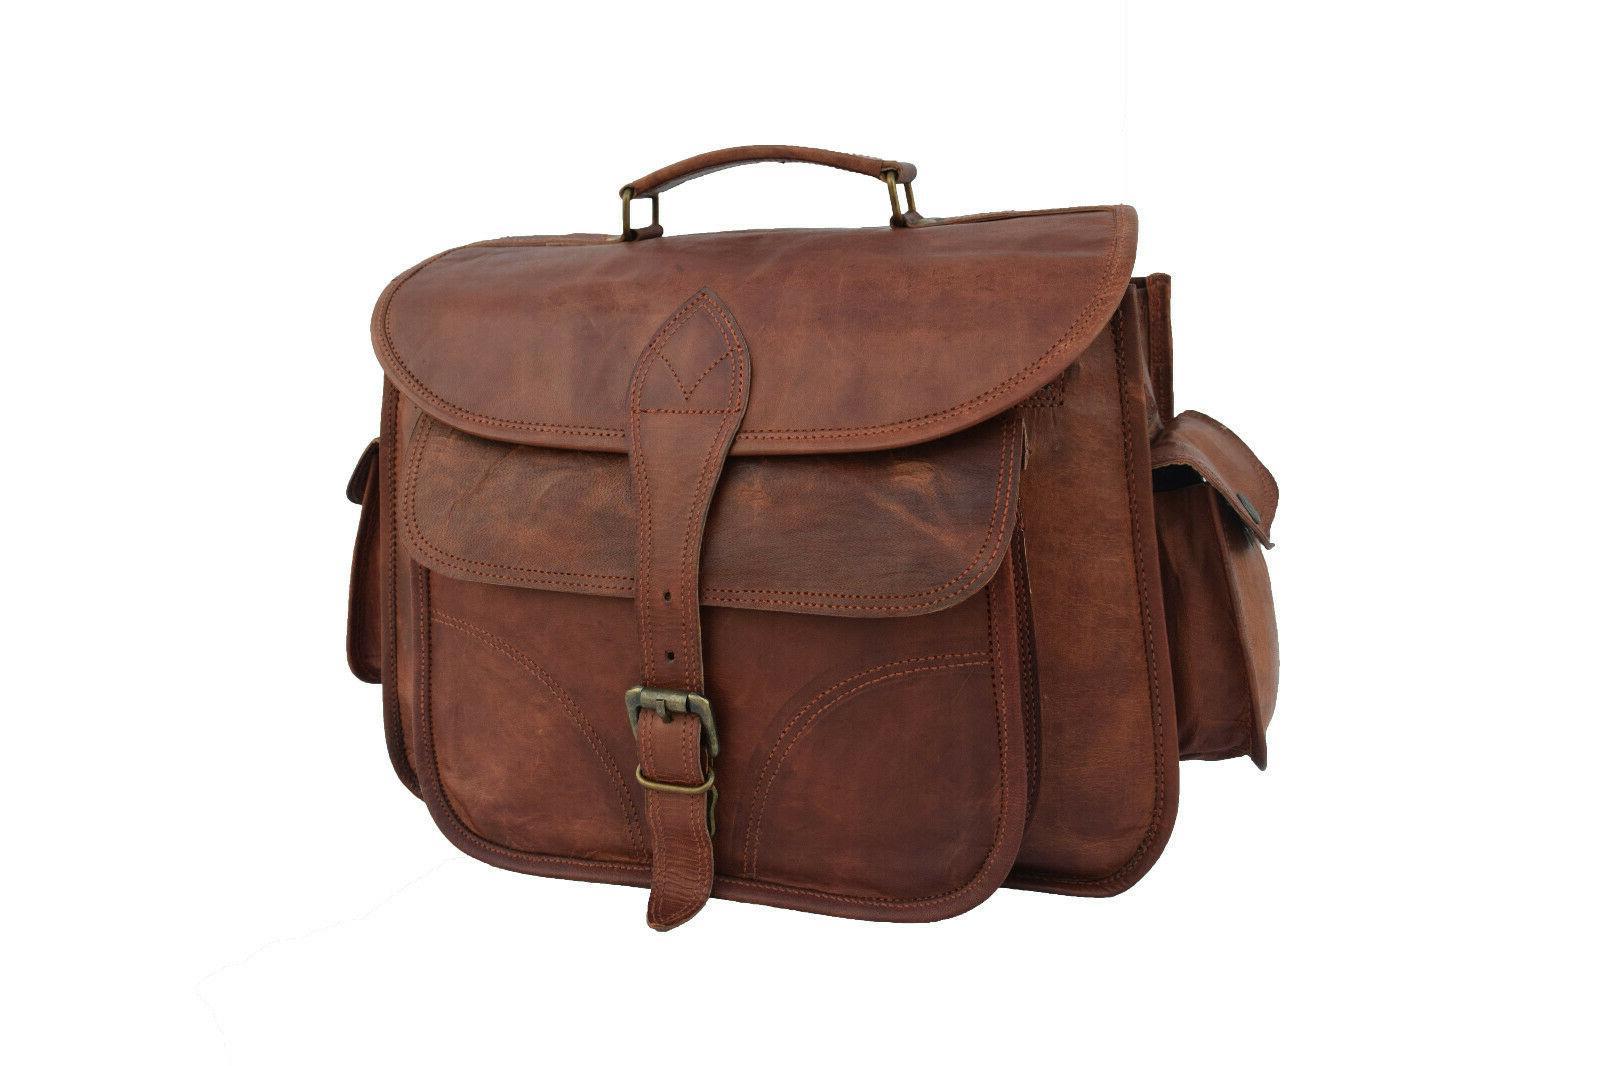 Vintage Leather DSLR Bag Messenger Satchel Crossbody Handbag